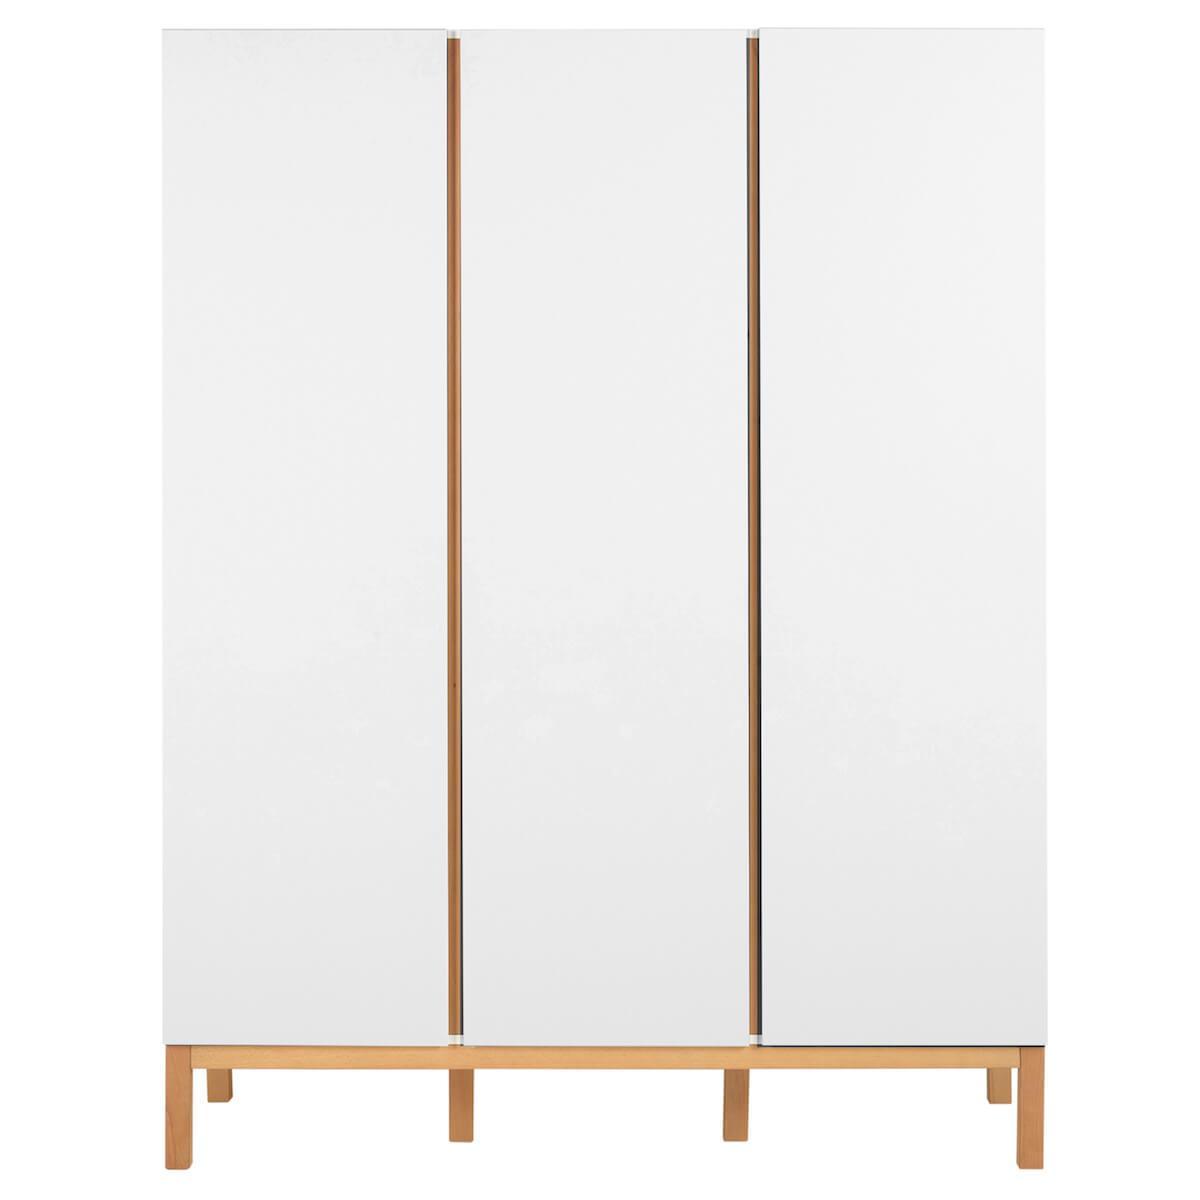 Kleiderschrank 152x198cm INDIGO Quax weiß